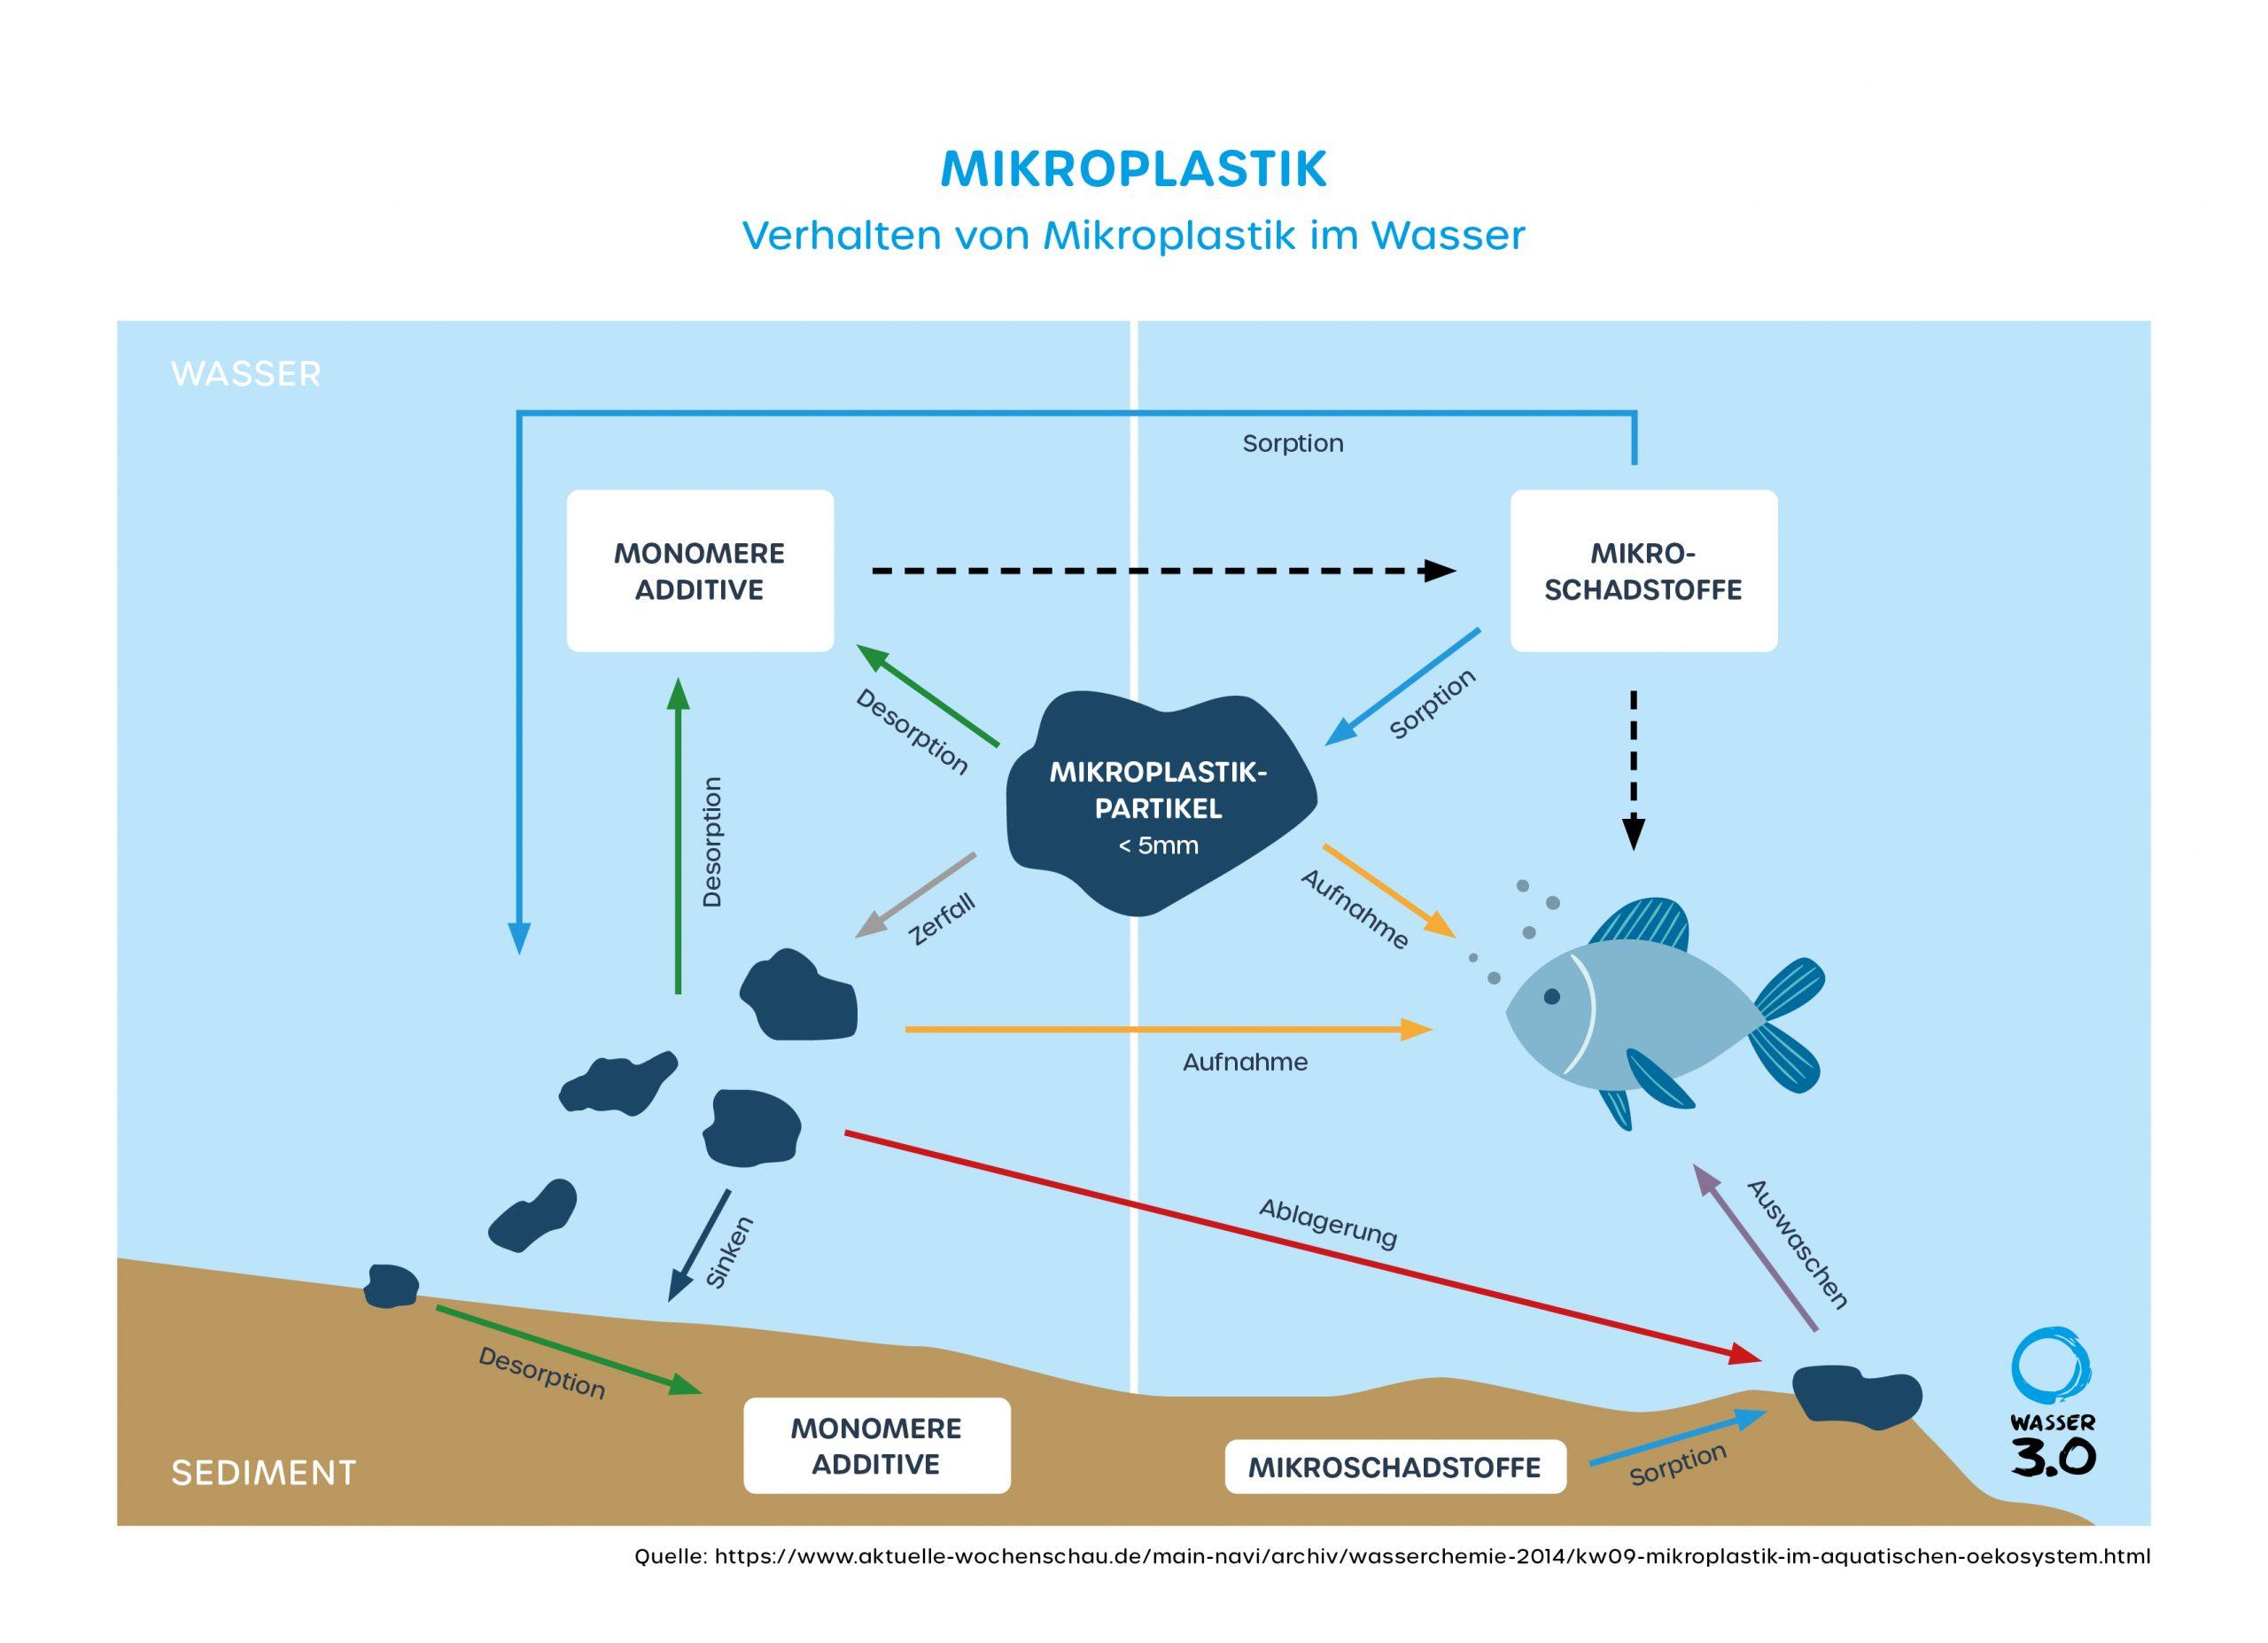 Mikroplastik: Verhalten der Partikel im Wasser